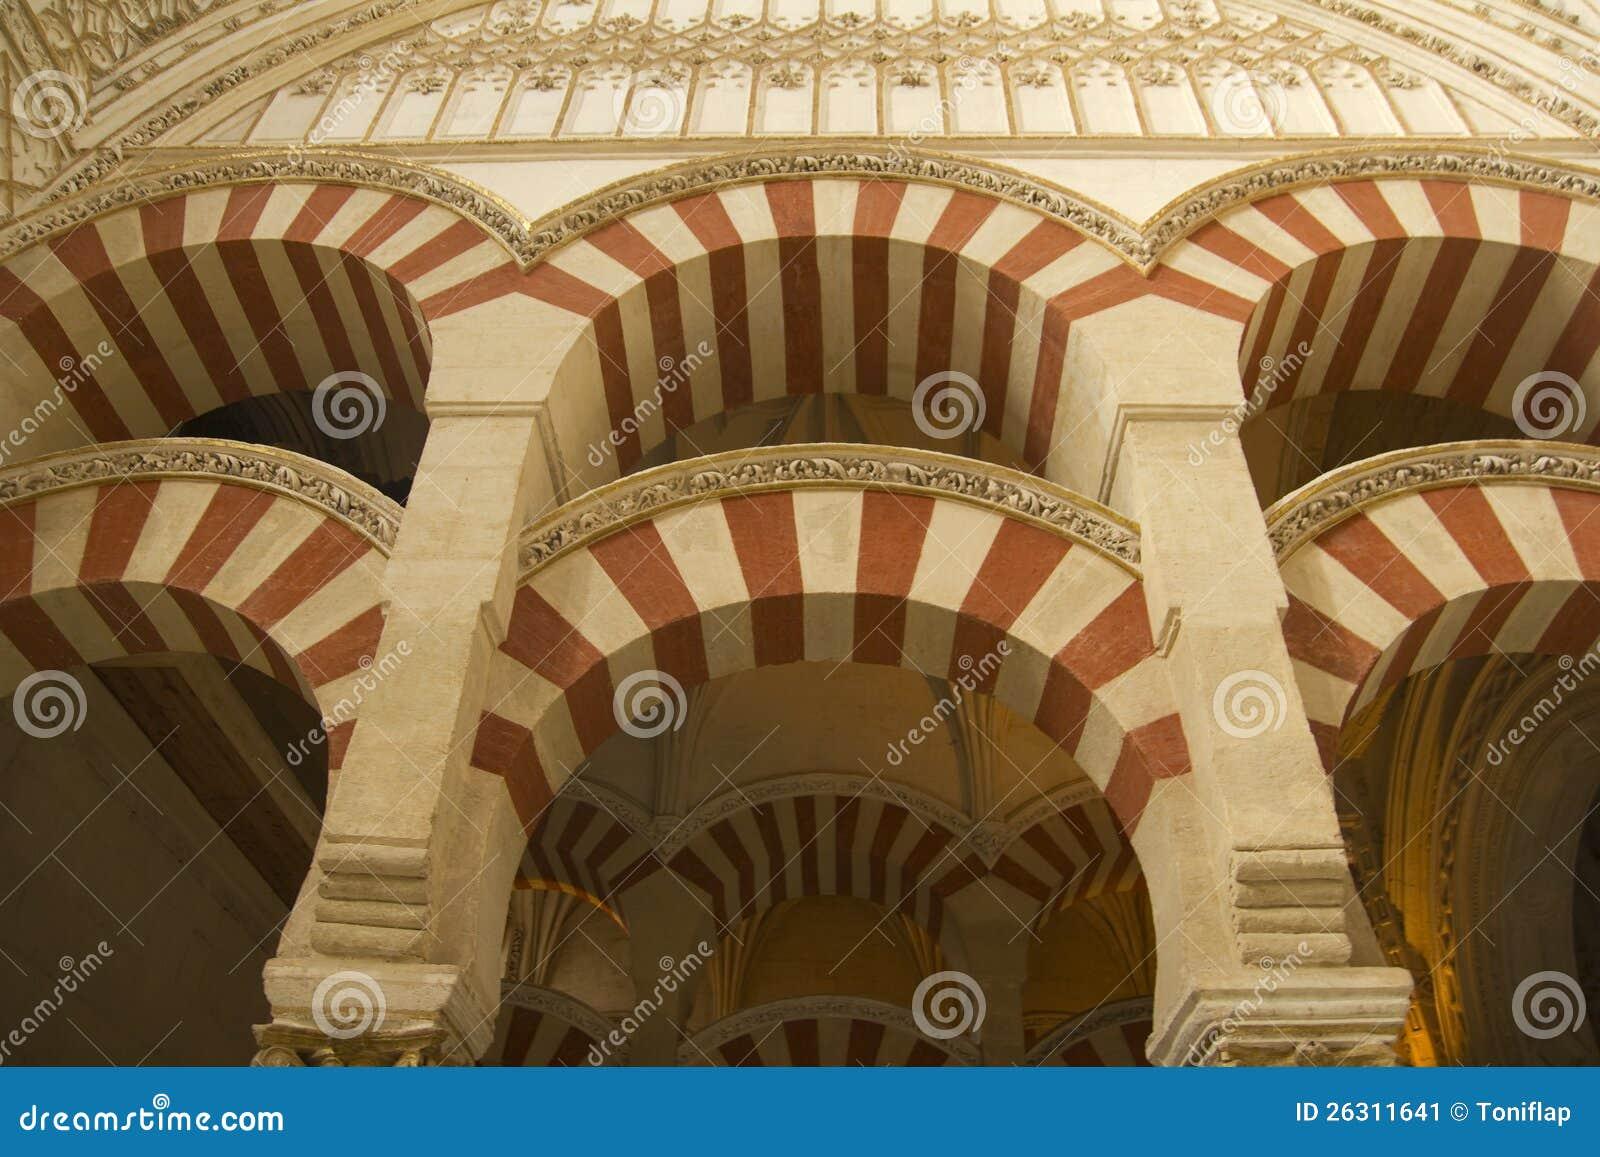 Innenraum der moschee cordoba andalusien spanien for Dekoration spanien